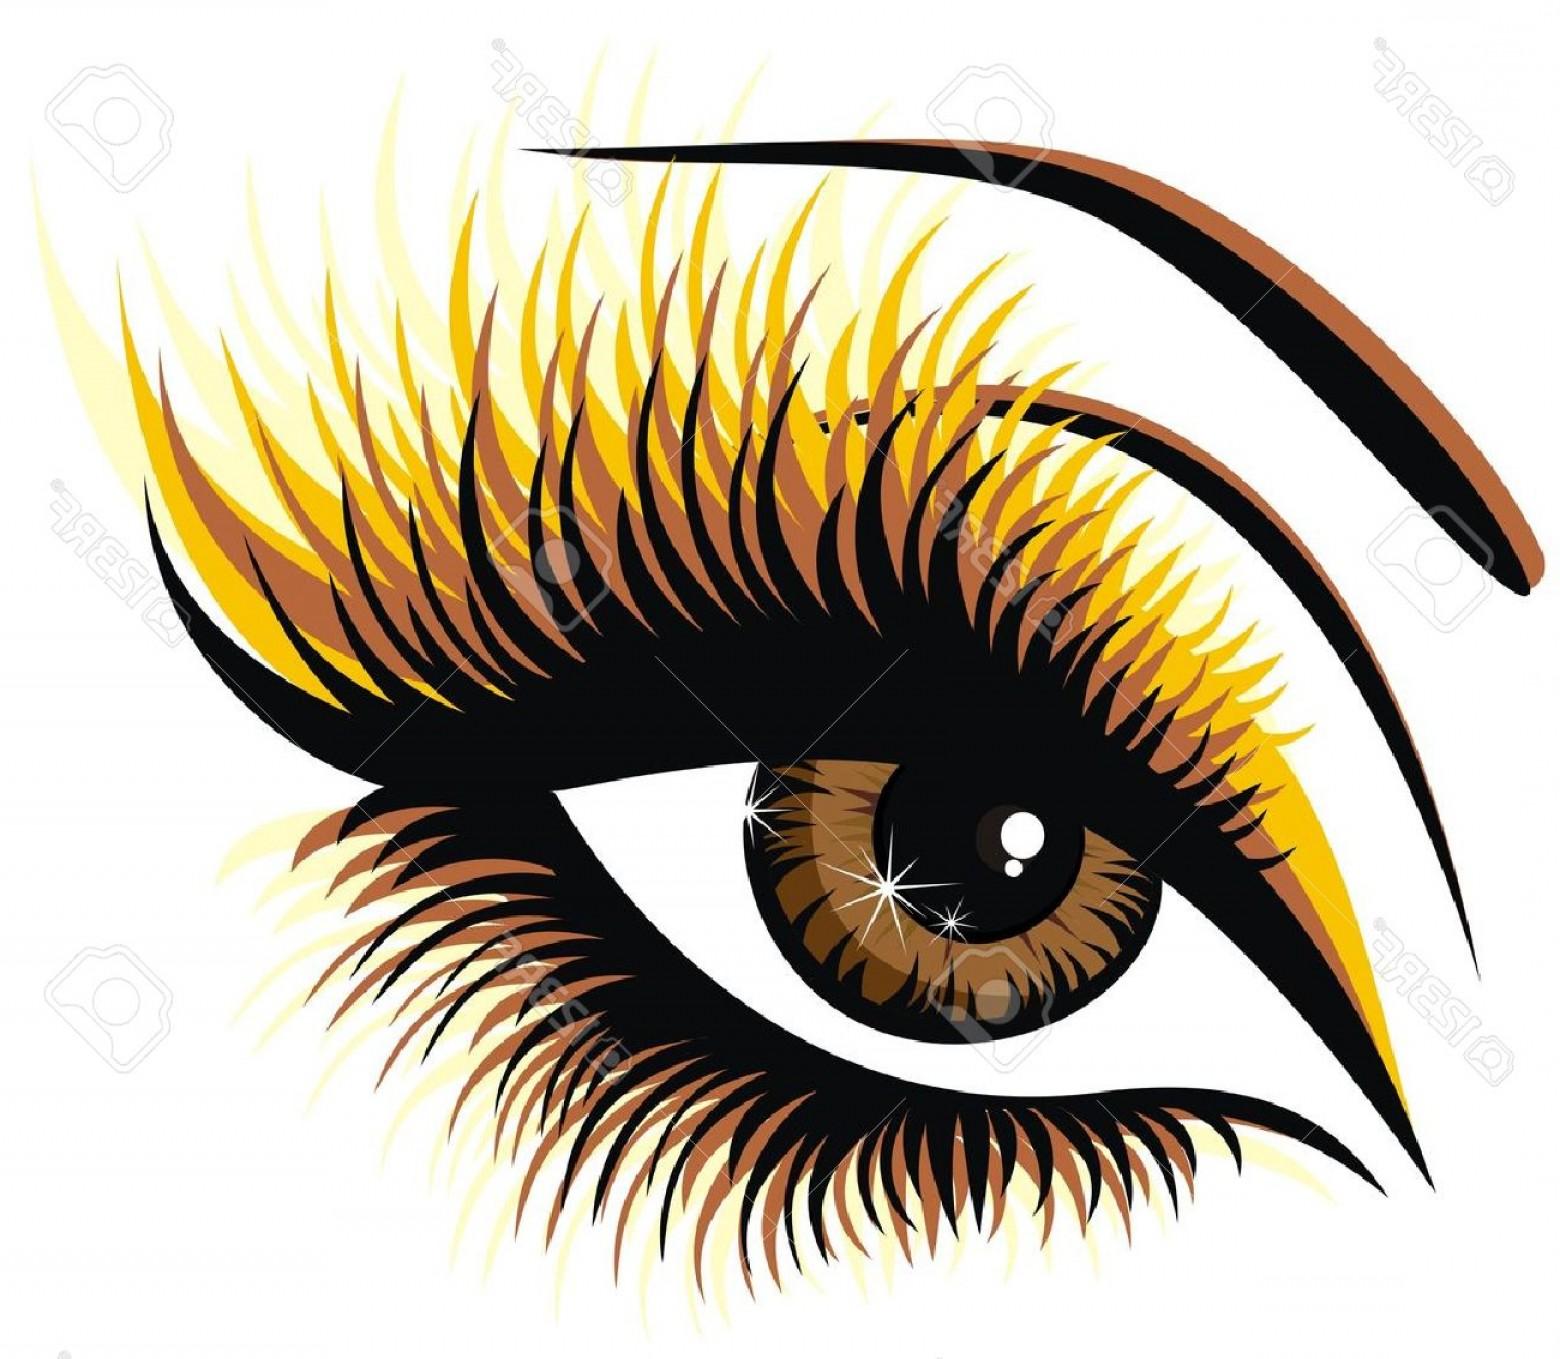 Blue eyes with eyelashes. Eyelash clipart cartoon character